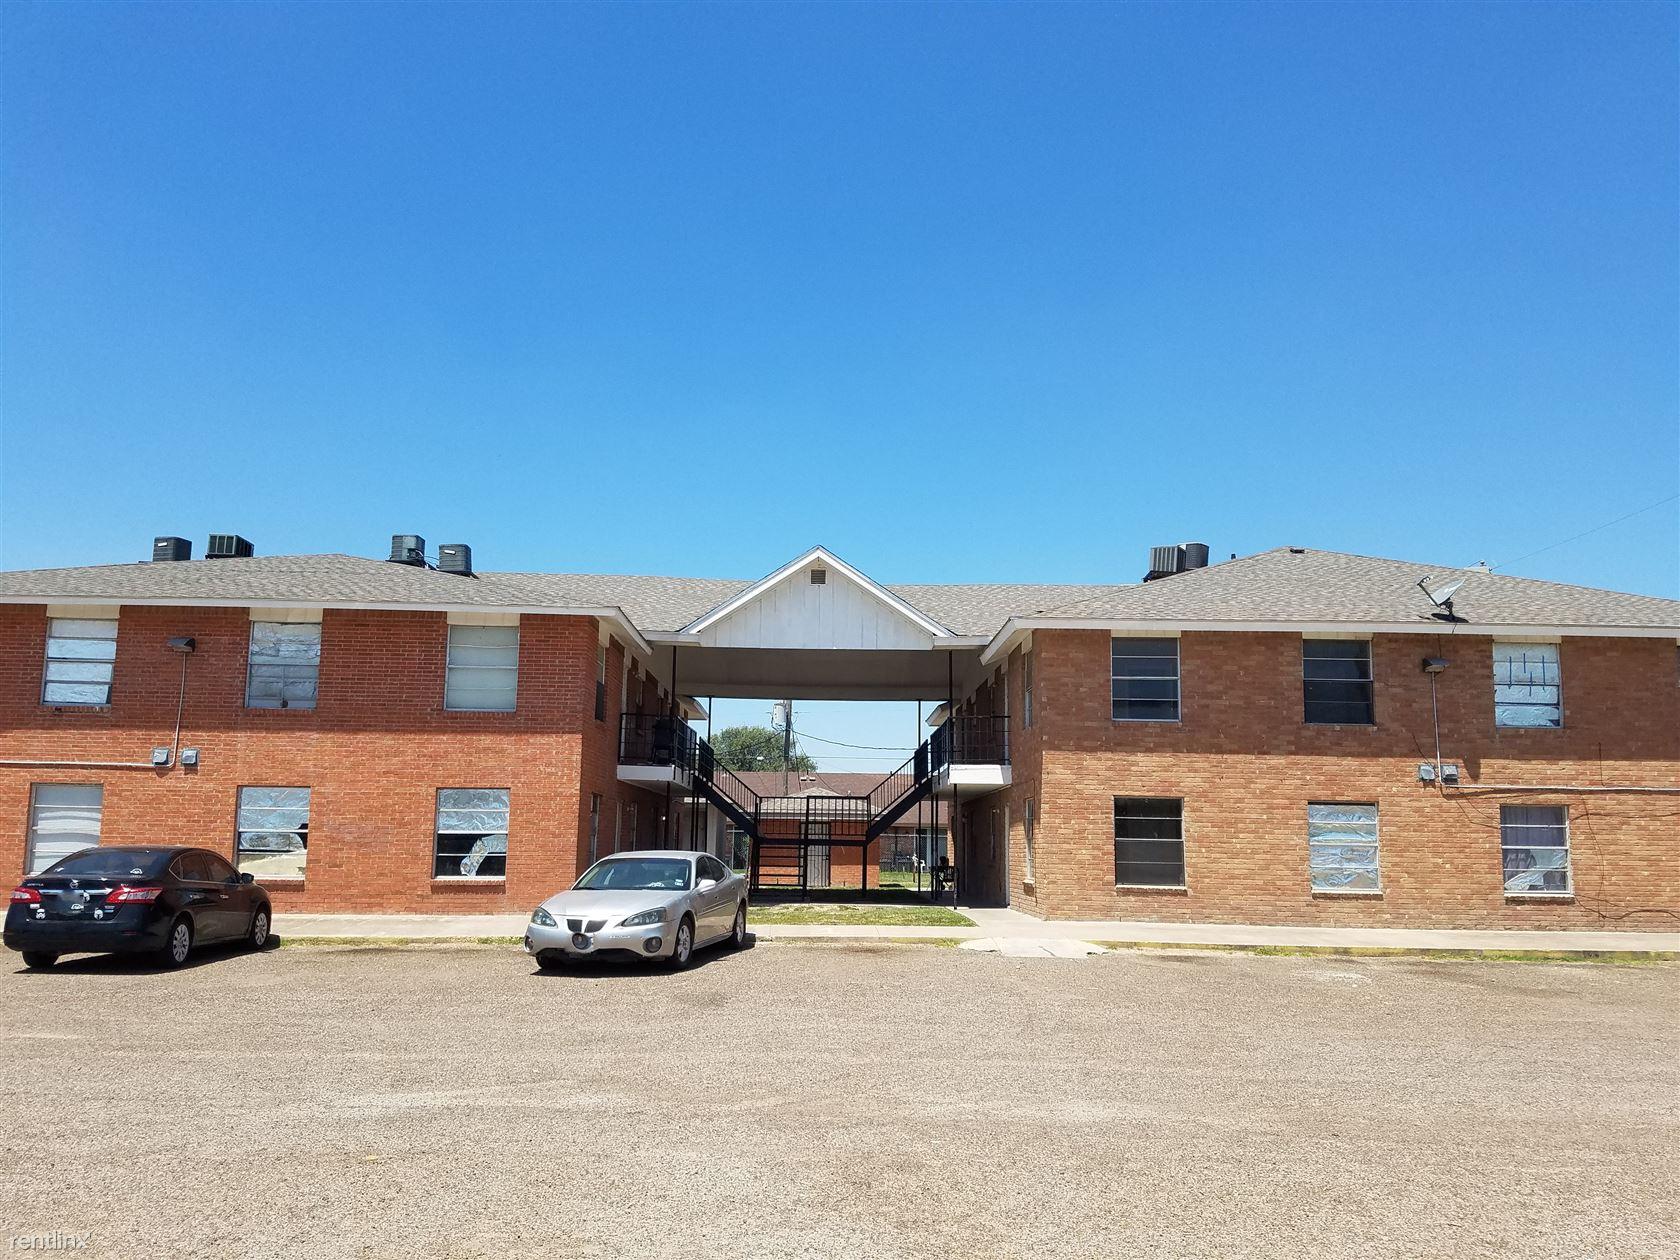 1803 Washington Ave, Mission, TX - $500